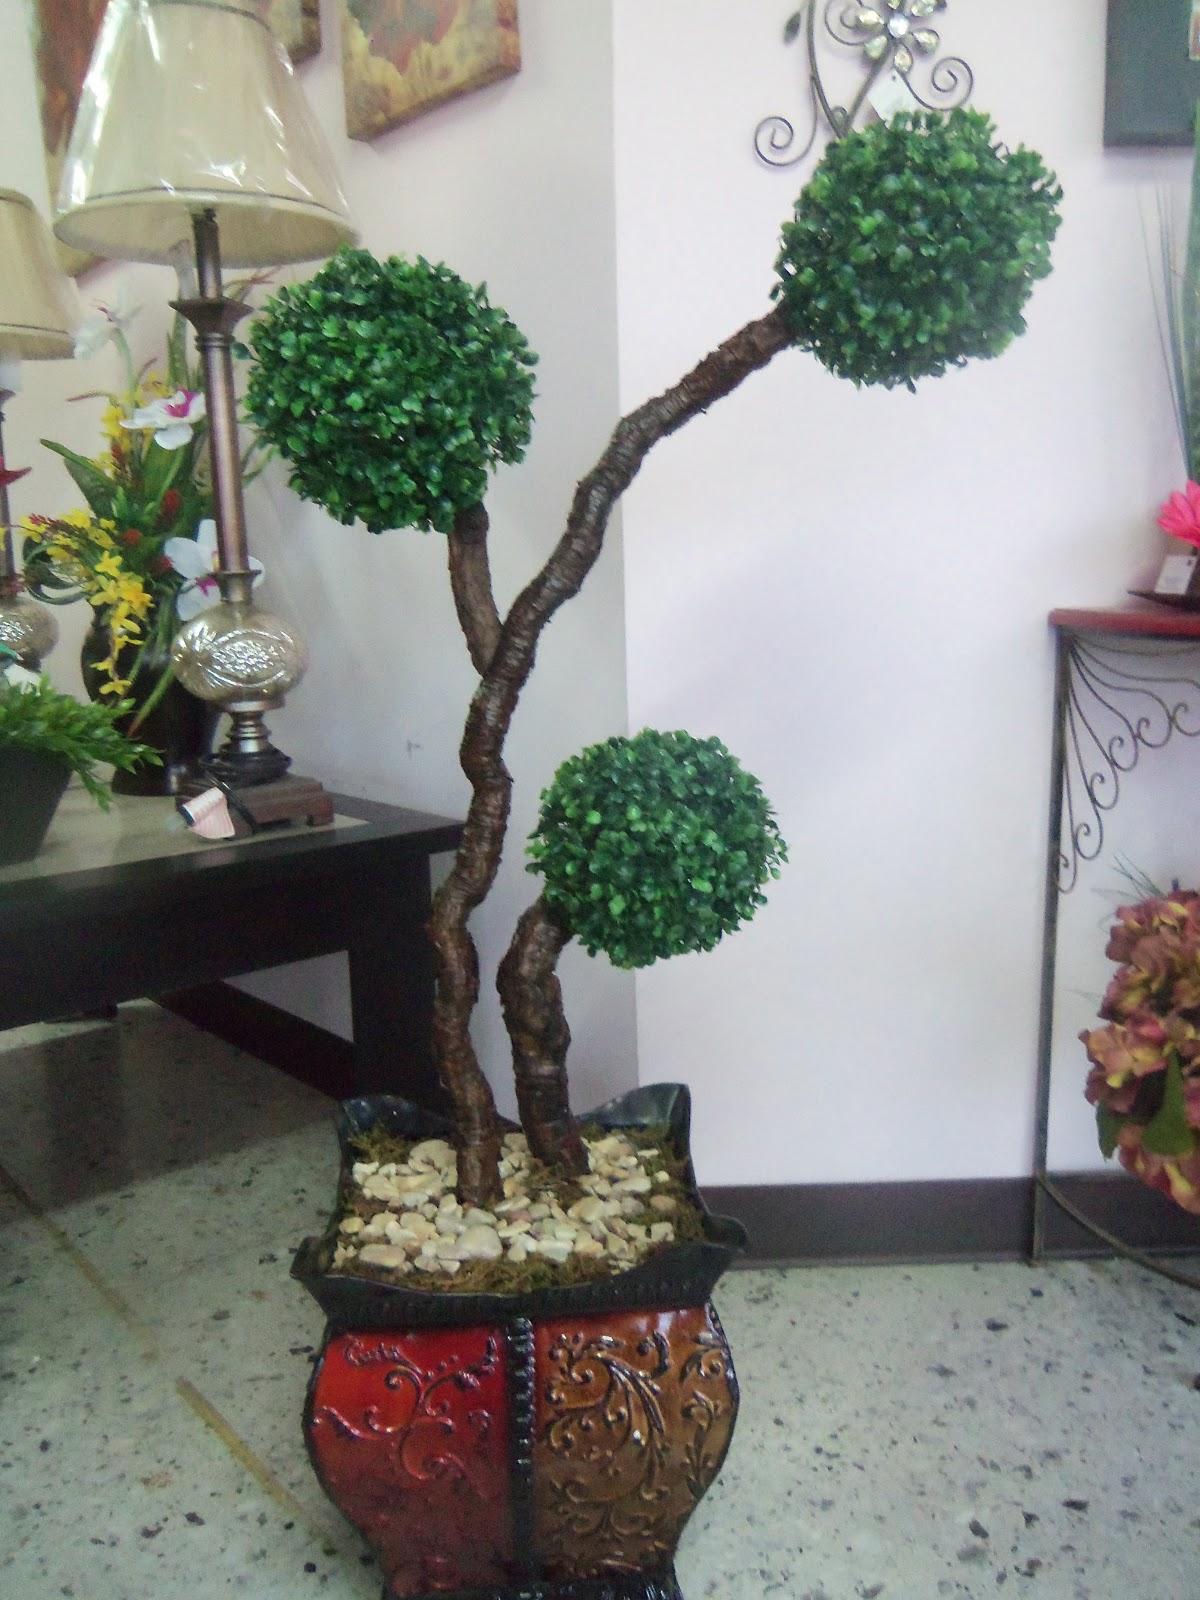 Flores e interiores jardineras para interior - Jardineras para interiores ...